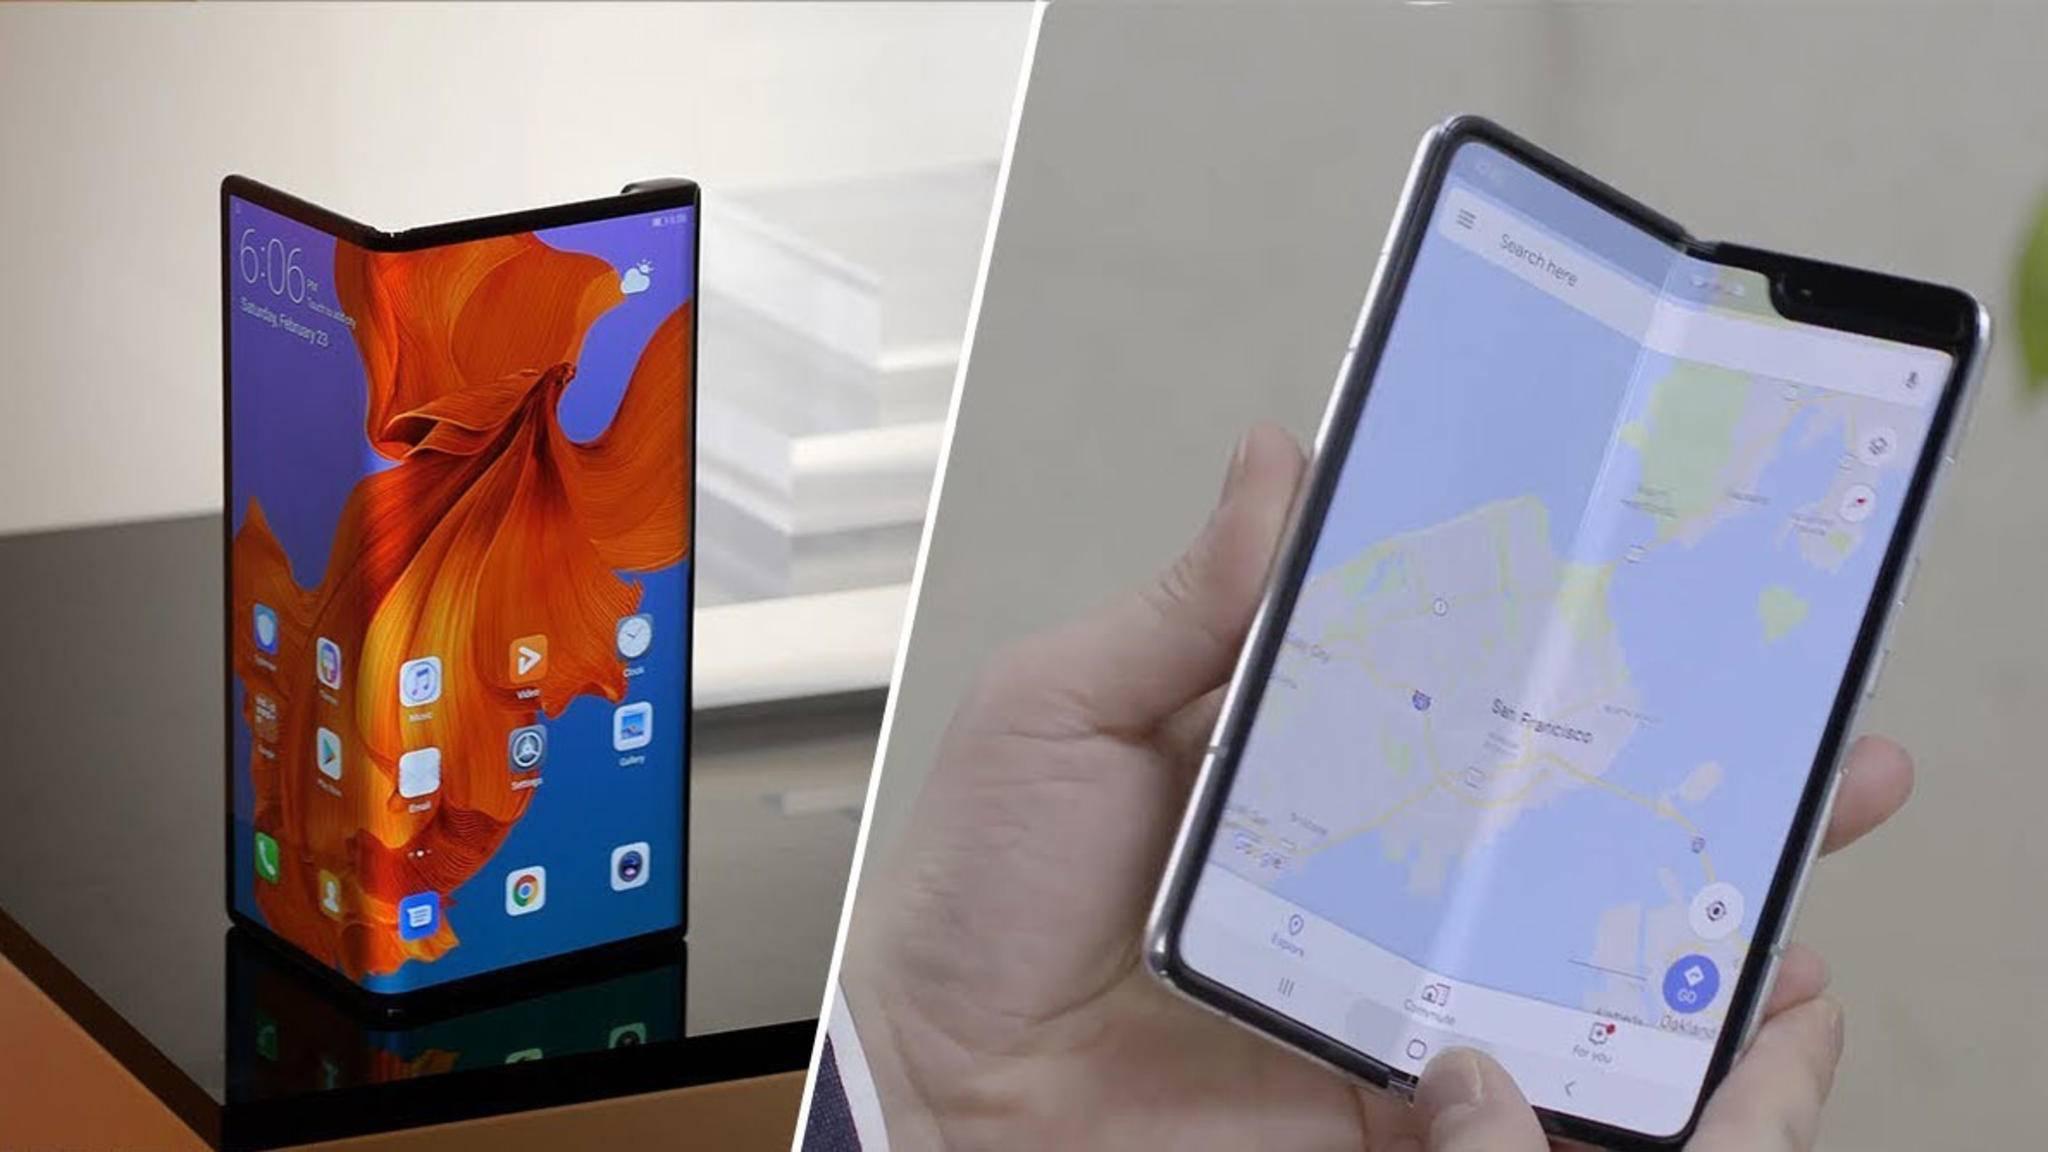 Die Smartphones von Huawei und Samsung lassen sich zwar beide falten, unterscheiden sich in ihrem Mechanismus aber erheblich.